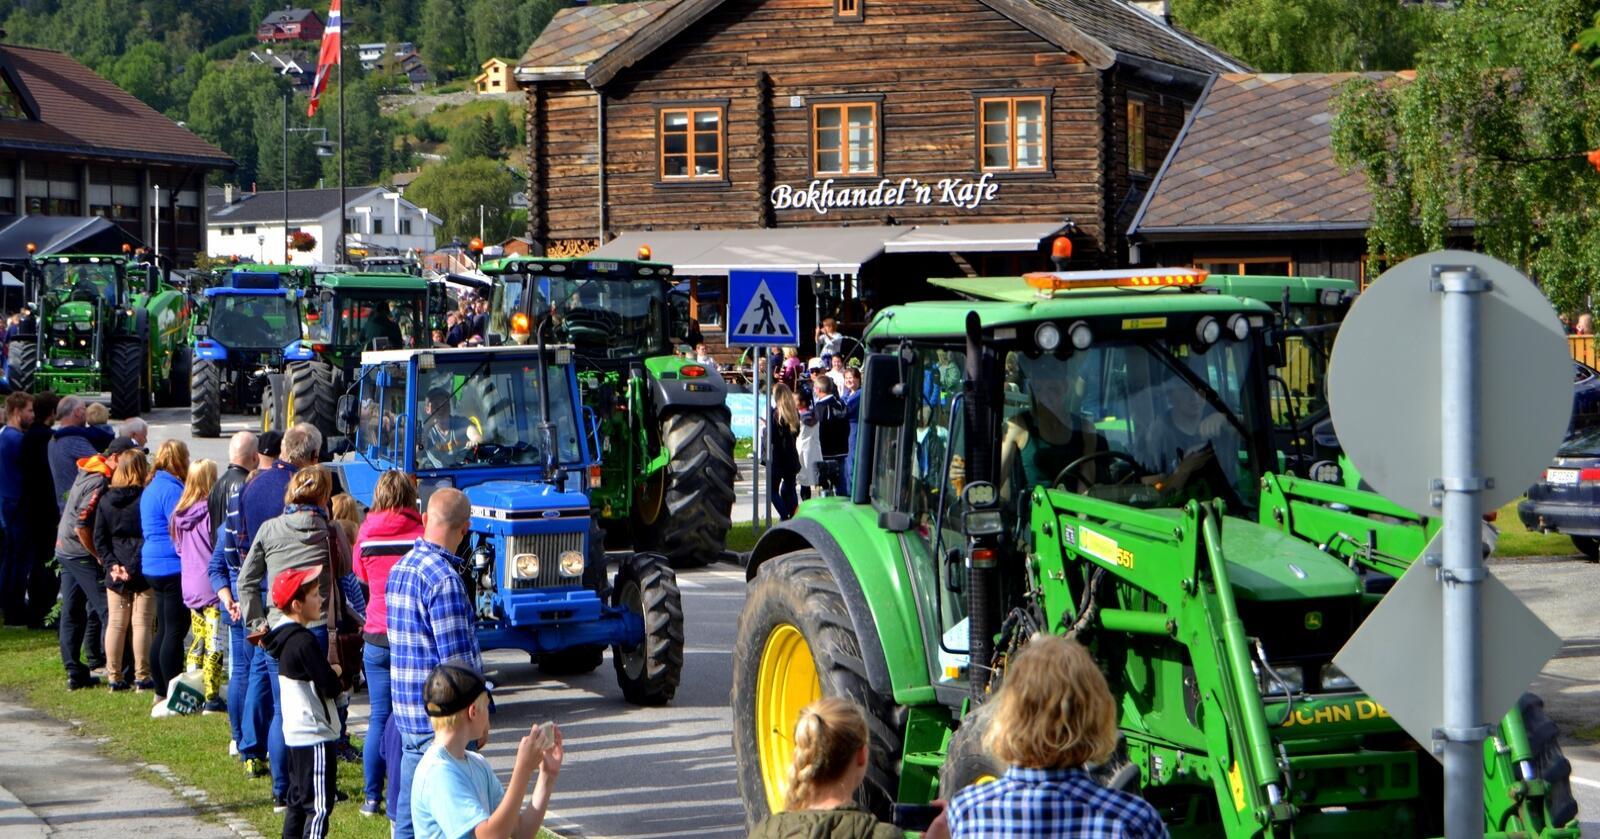 Traktorrock: arrangementet Traktorrock i Vågå er tilbake, etter et pauseår. Til helga er alt klart for et nytt arrangement med traktoren i fokus. Her  et arkivbildet høydepunktet for mange, traktorparaden.